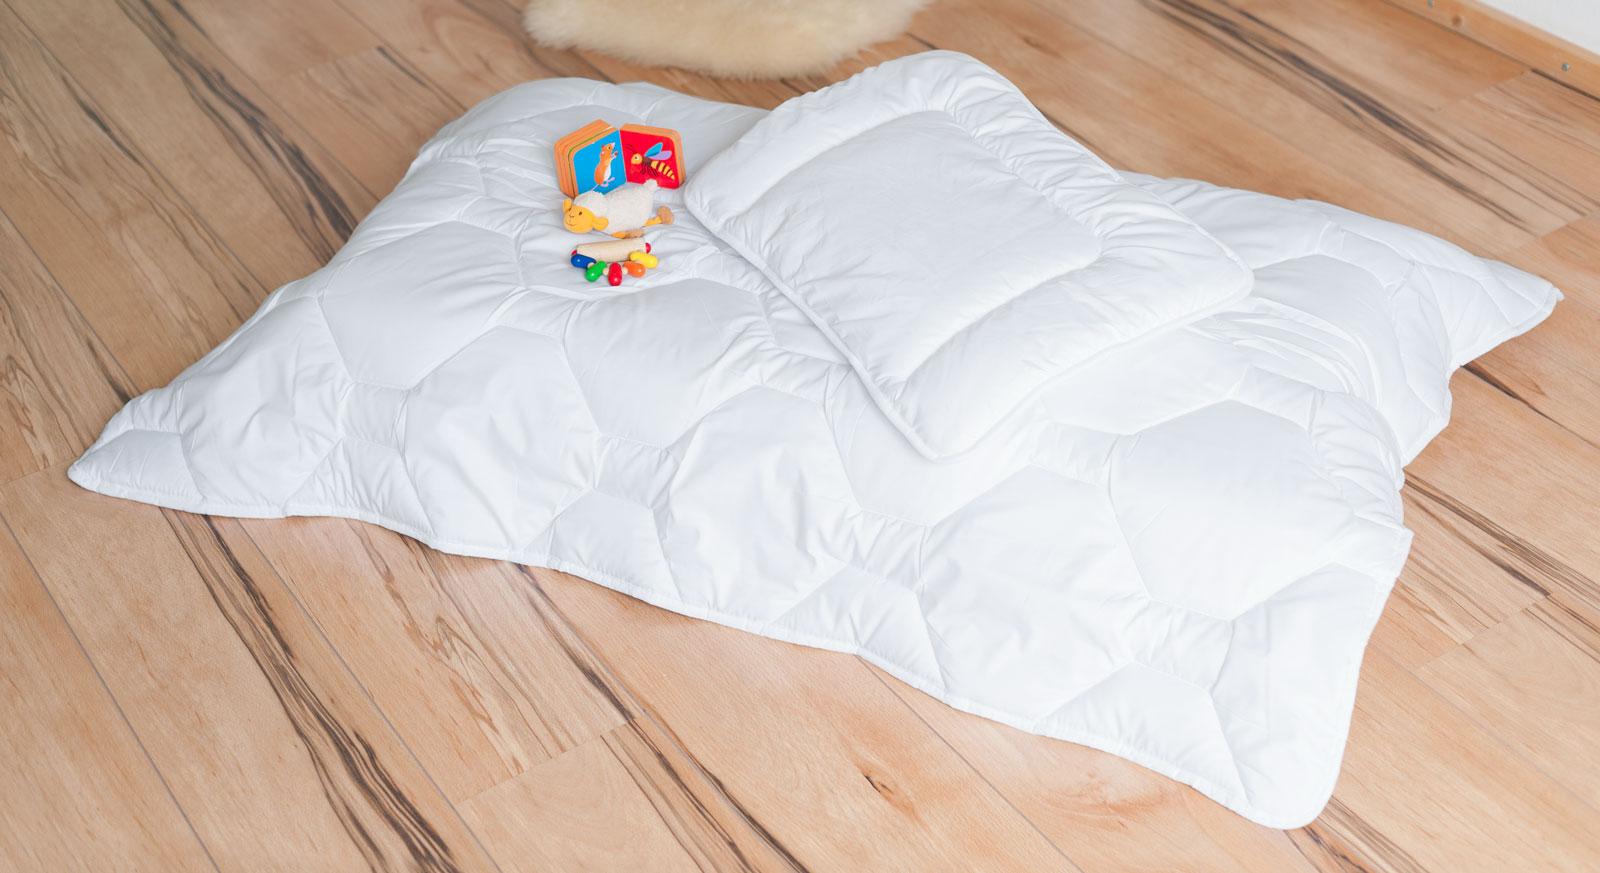 Feuchtigkeitsregulierende Kinder-Bettdecke & Kissen Lina Winter aus Polyester